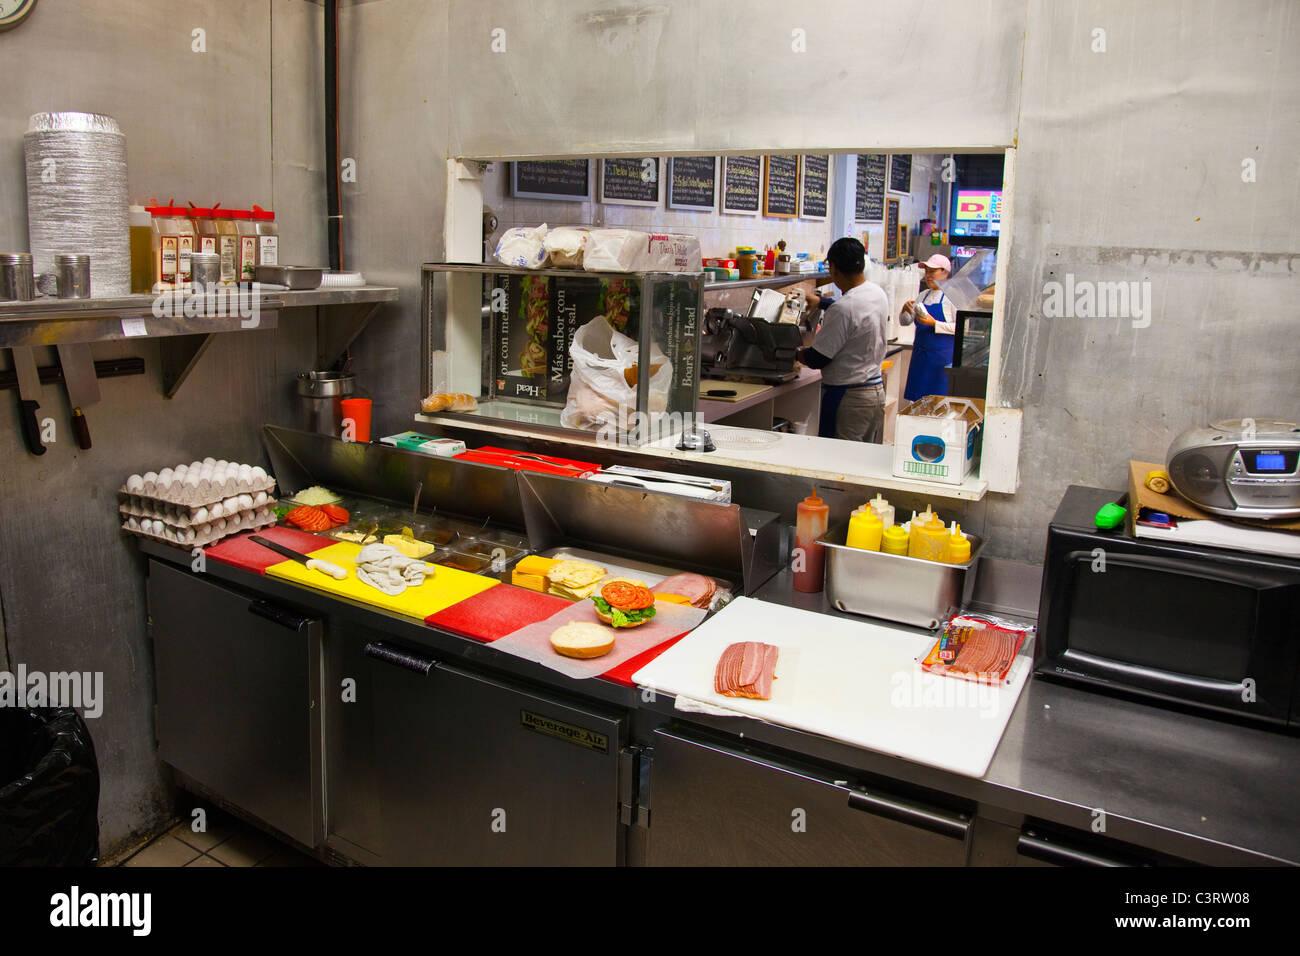 Ziemlich Küche Renovierungen New York City Galerie - Küchenschrank ...